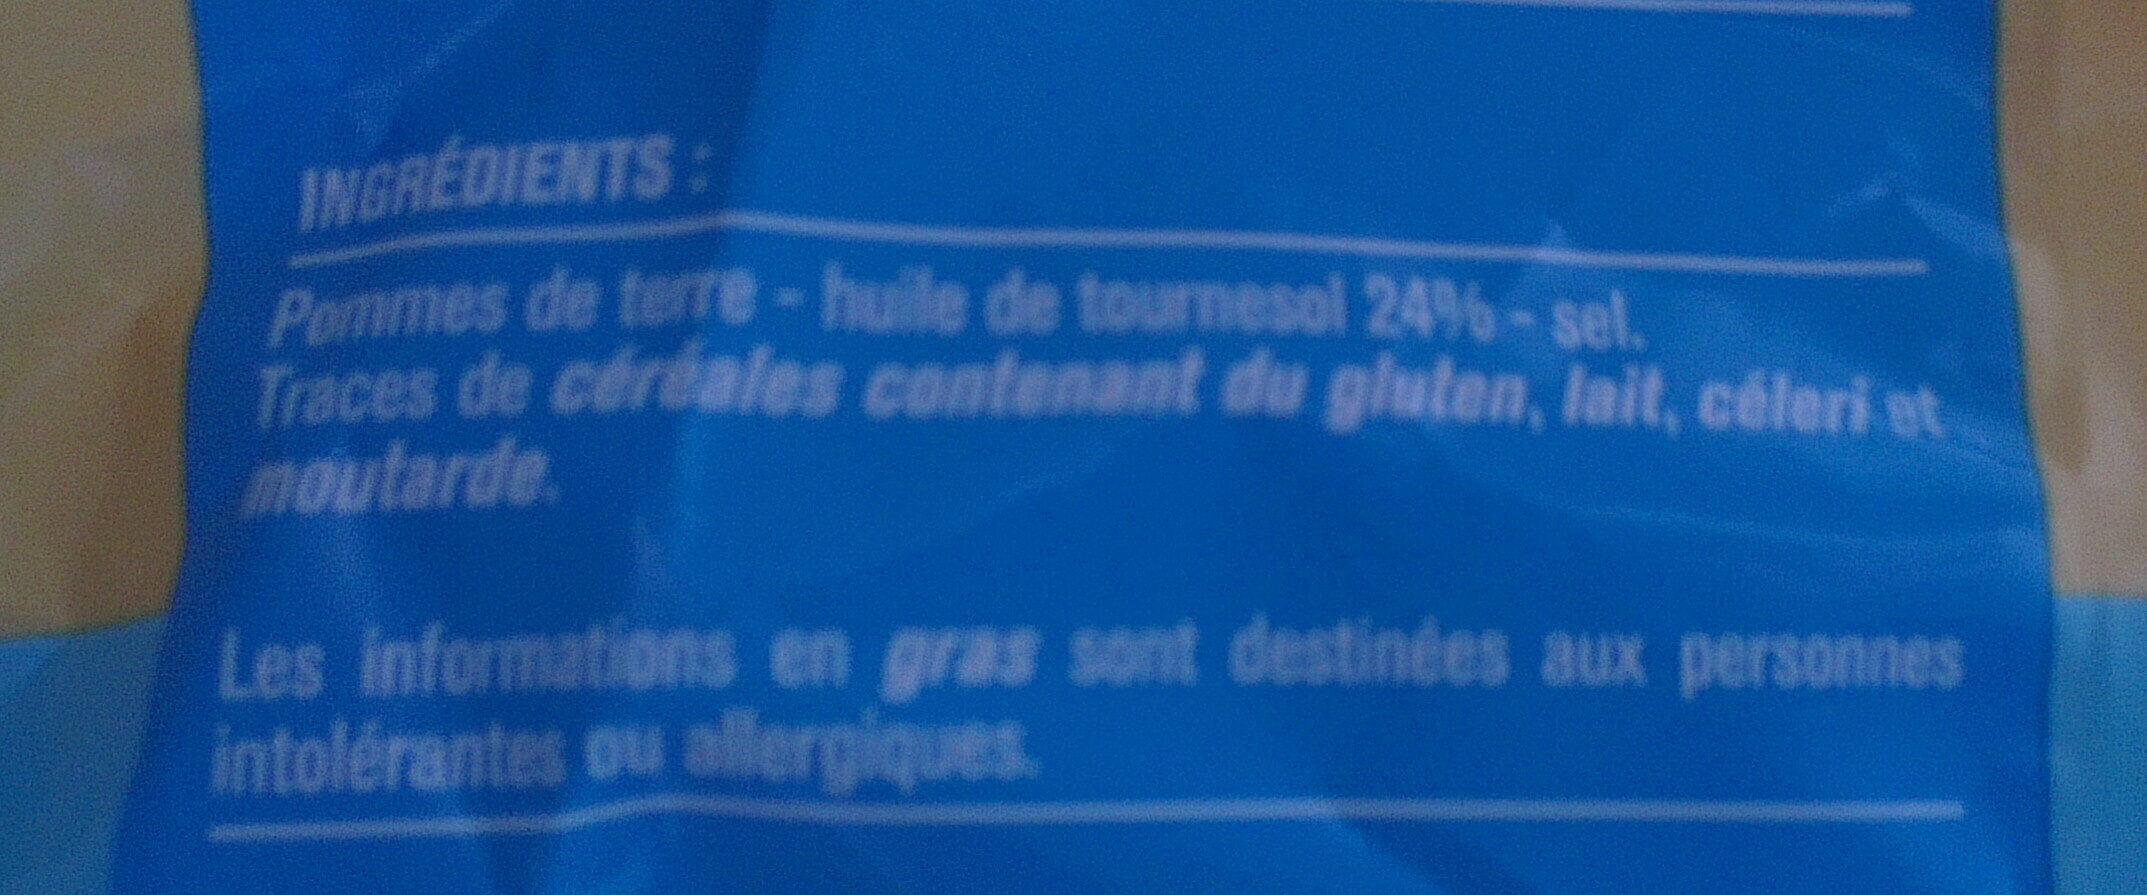 Chips allégées nature - Ingredients